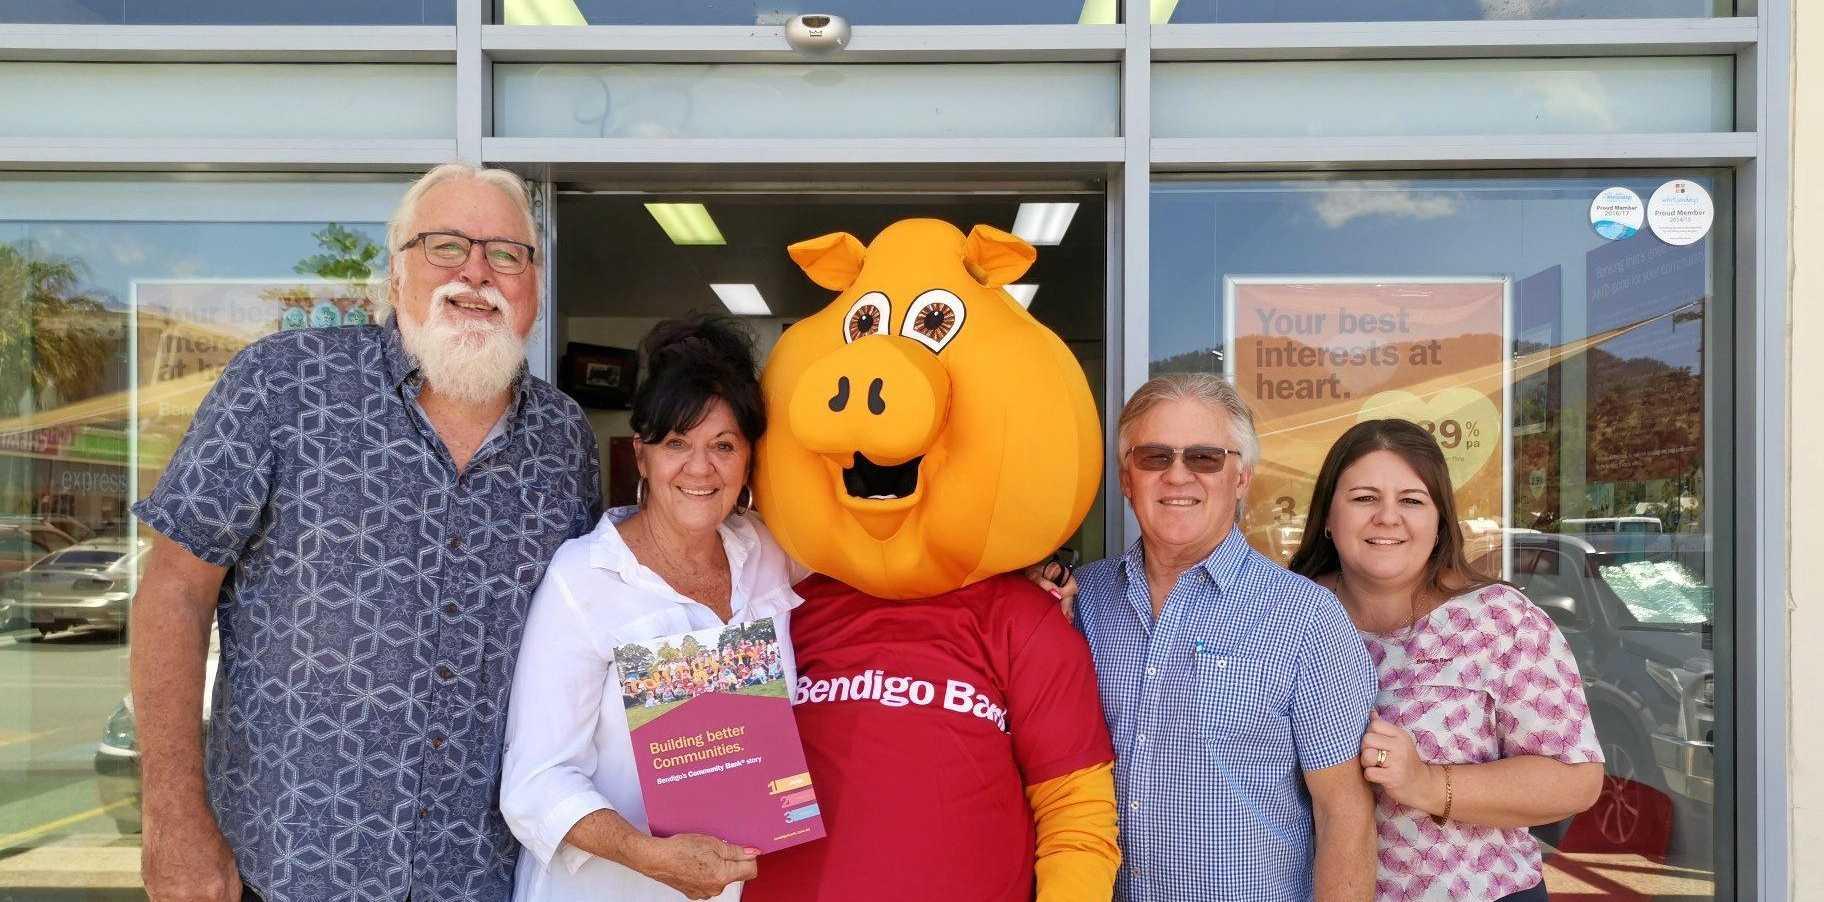 Whitsundays Arts Festival committee (from left) treasurer Tom Casey, president Cathy Knezevic with sponsor Bendigo Bank's mascot, Bendigo Bank chairman Mark Henry and branch manager Tiff Deakes.